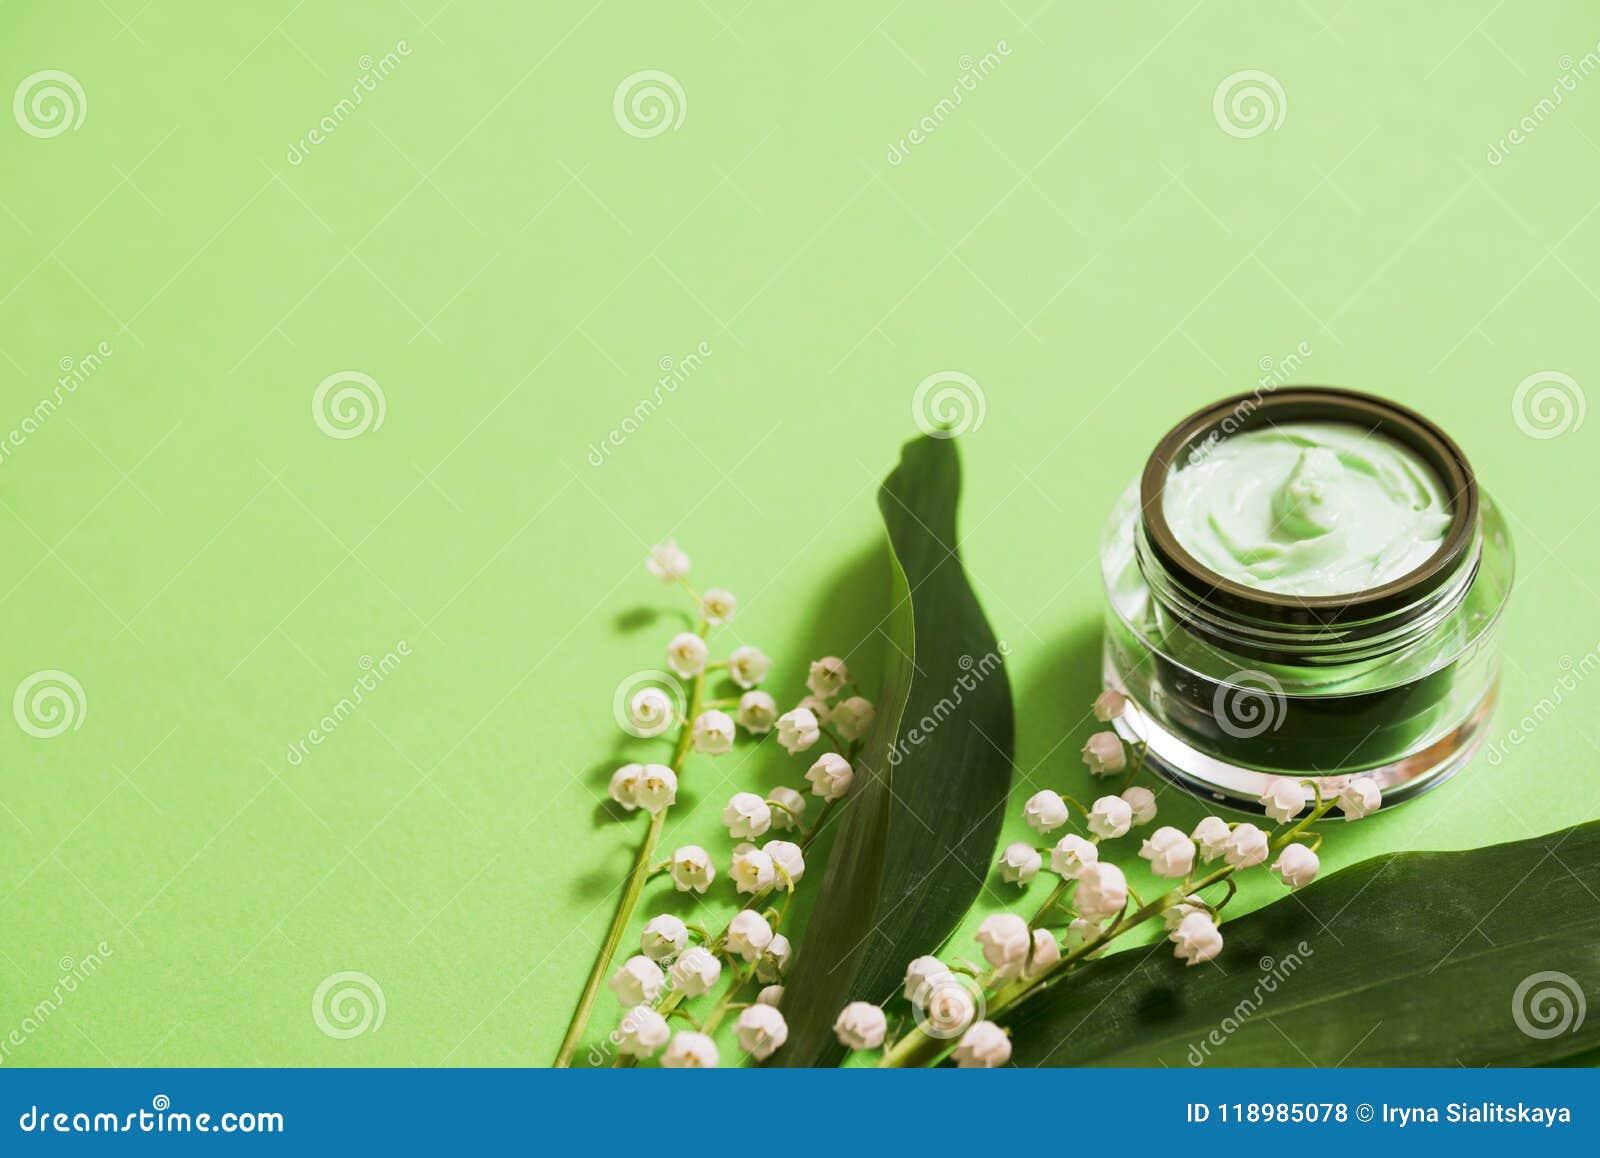 Kosmetische room en lelietje-van-dalenbloemen op een groene achtergrond